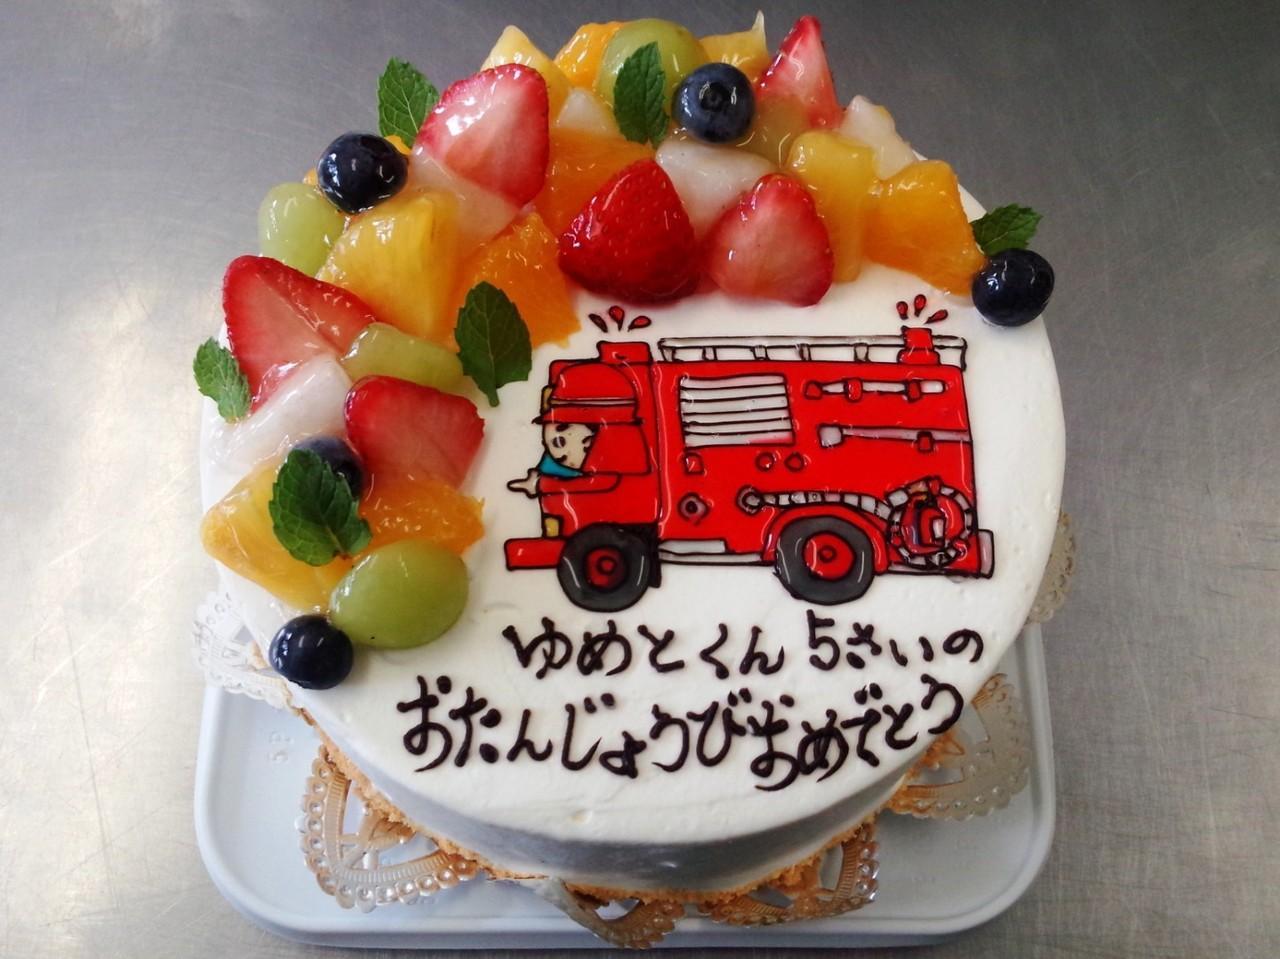 イラストバースデーケーキ 手作りイラストケーキのエミル 岐阜